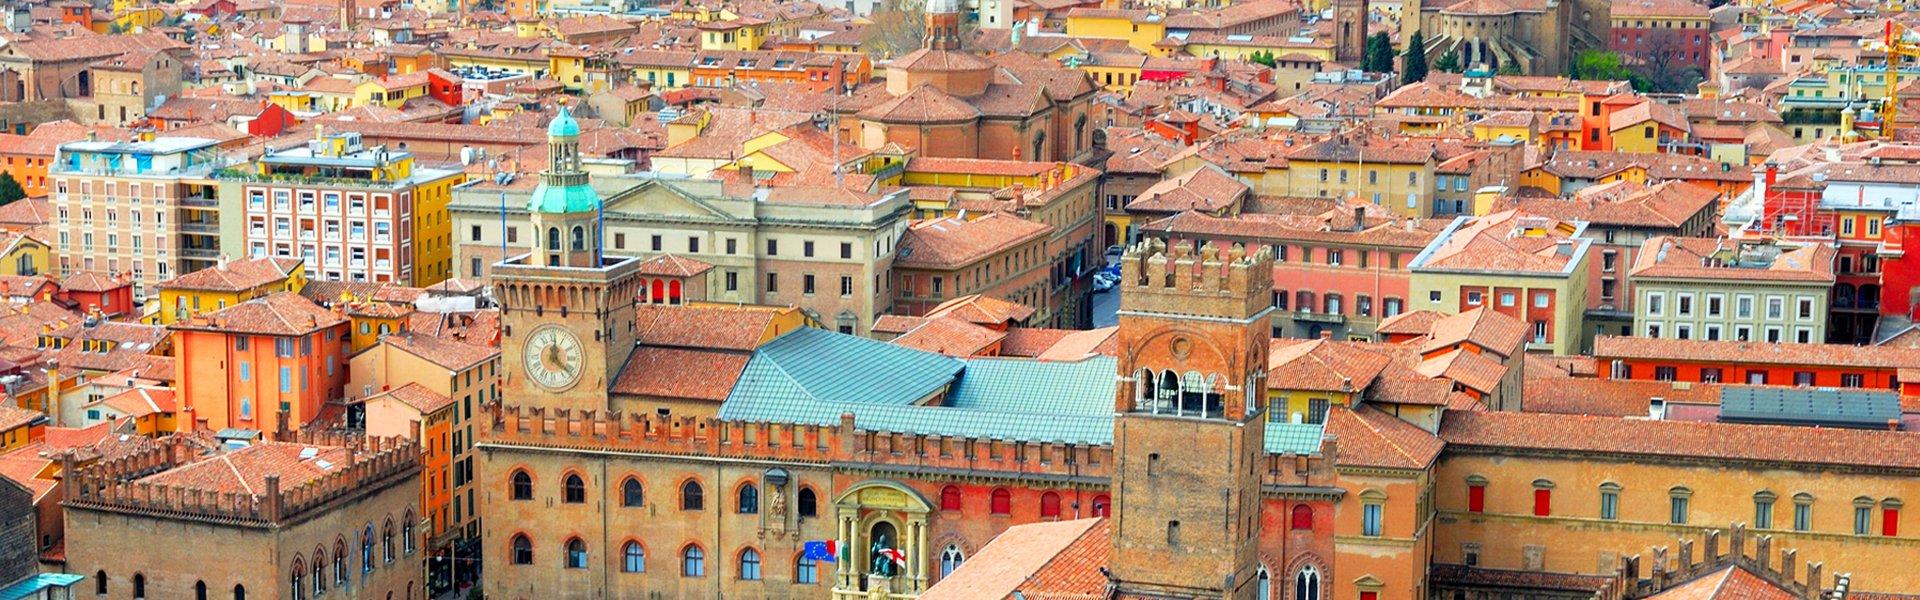 Bologna in Italië